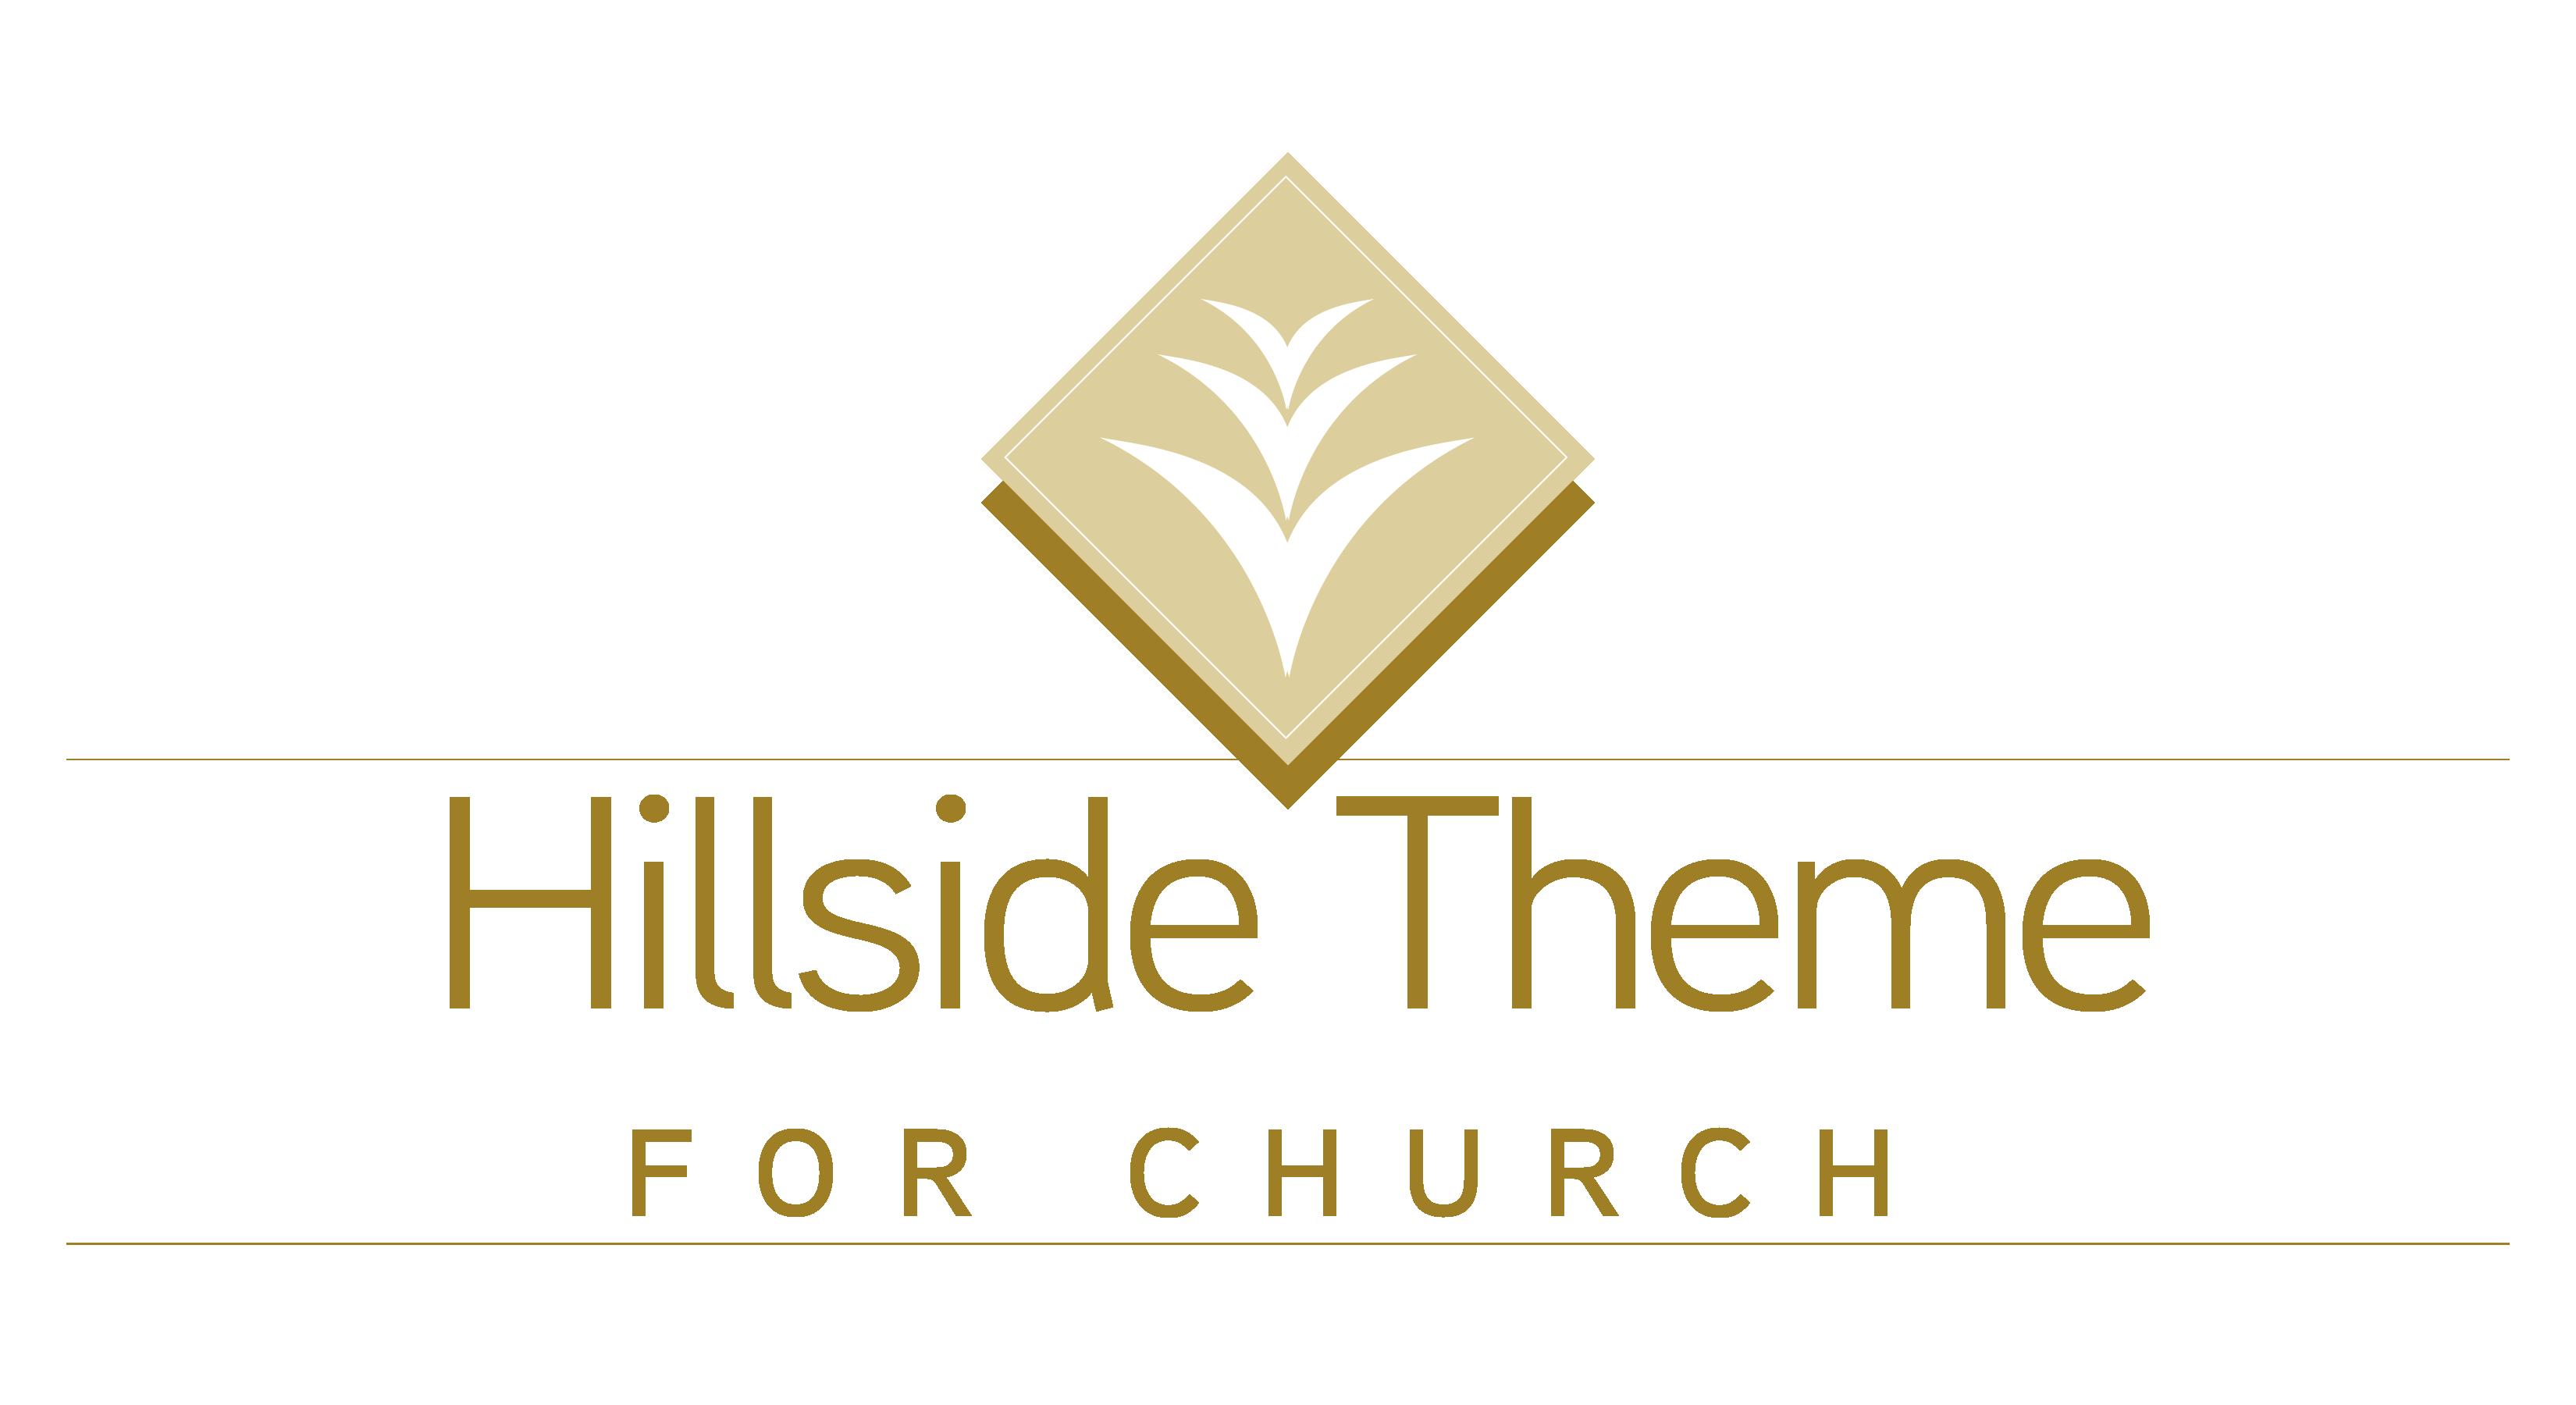 Hillside Theme for Church